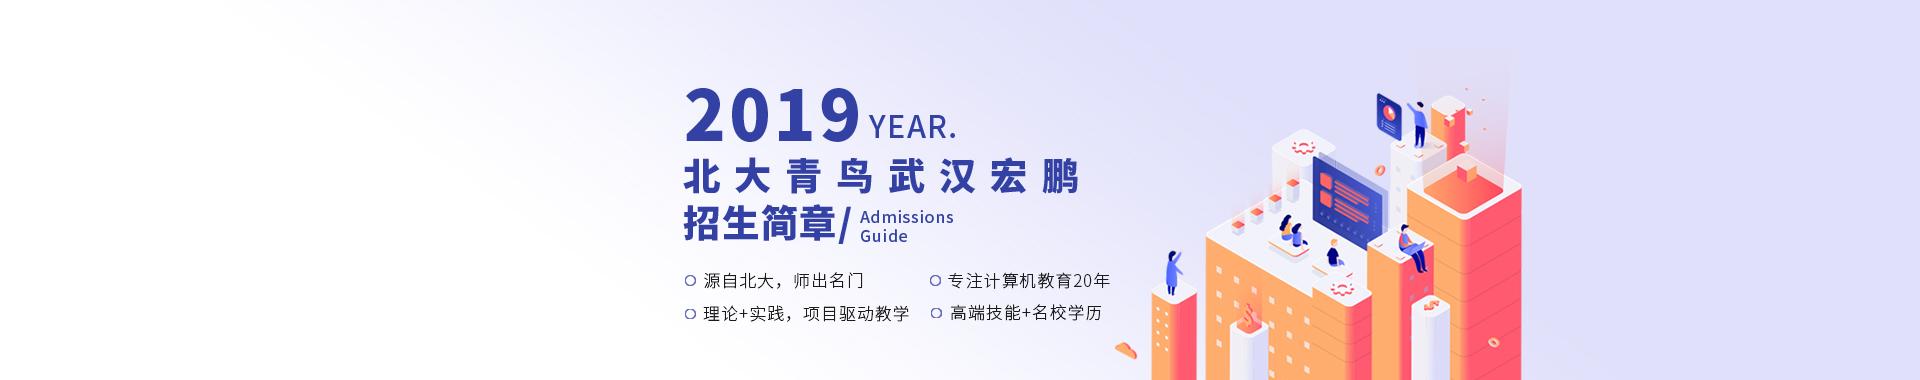 北大青鸟徐东校区开业